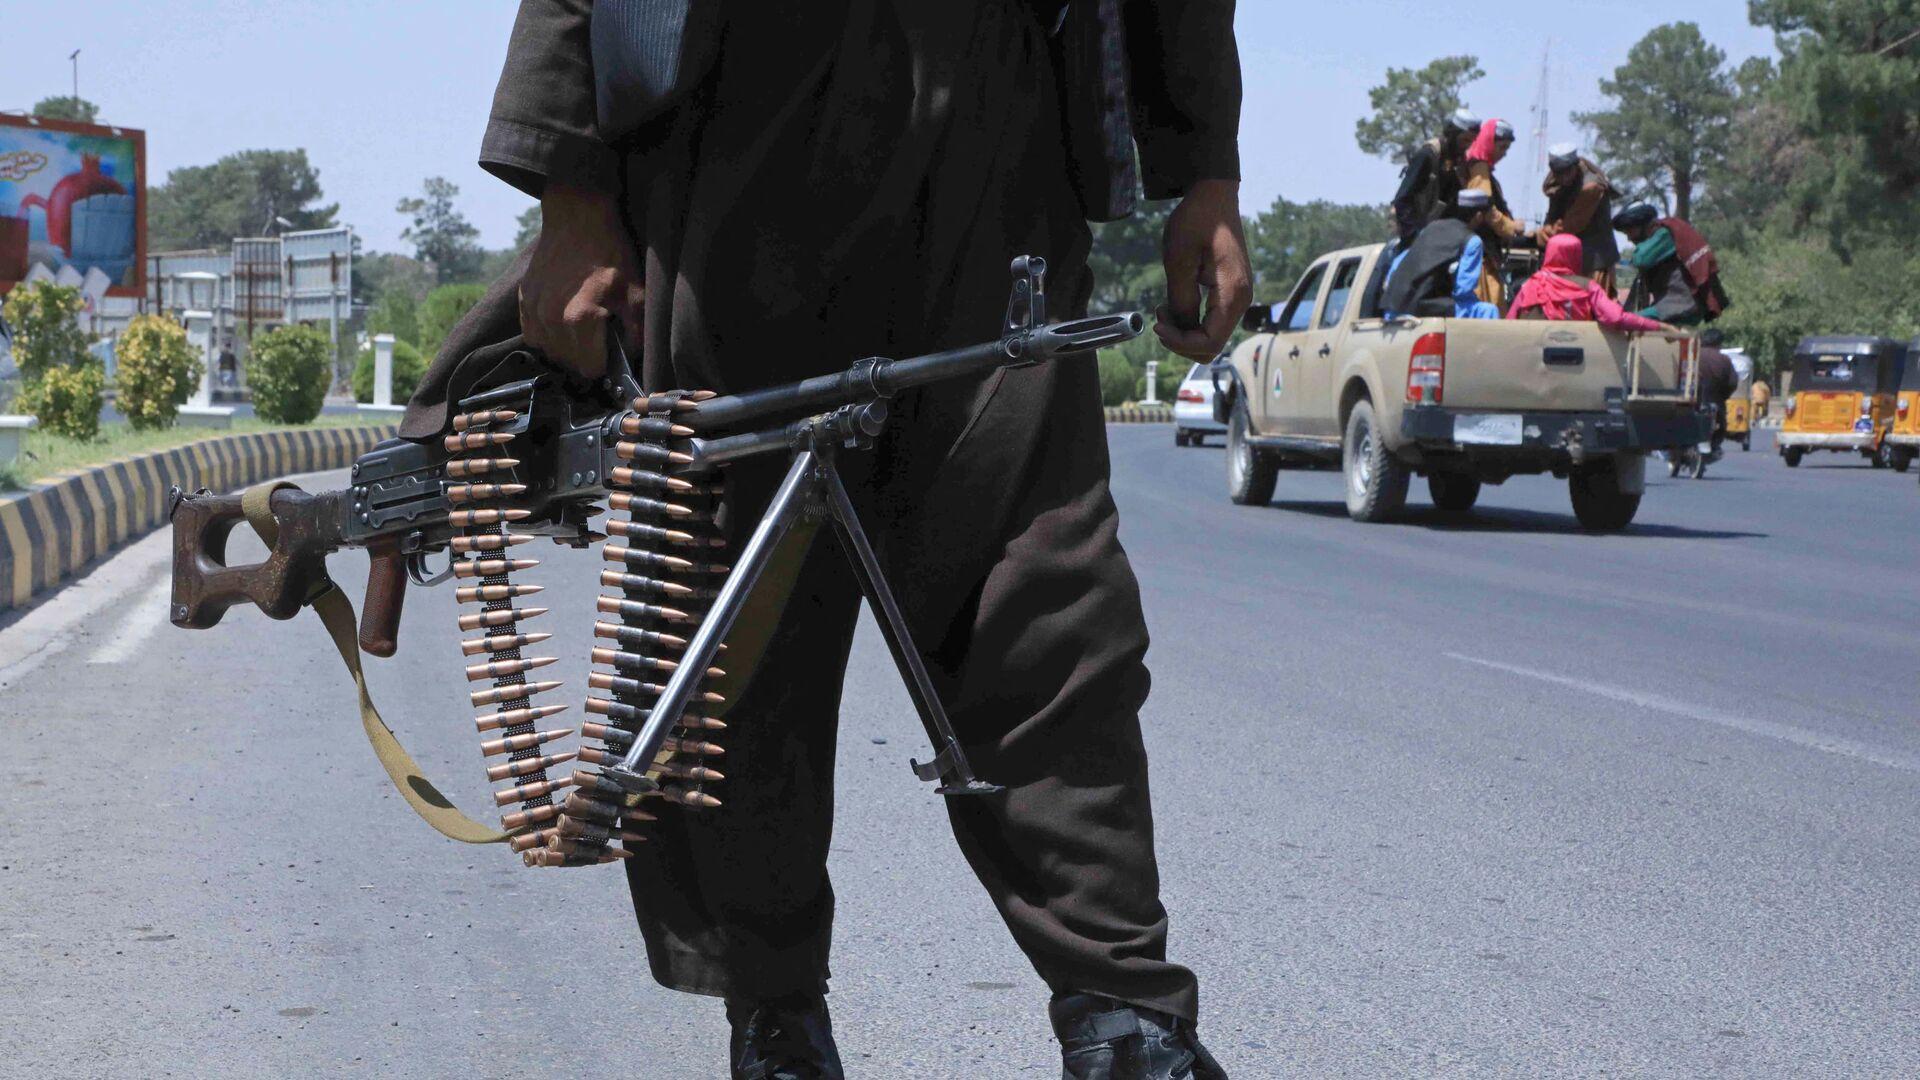 Bojownik Talibanu* na ulicy w afgańskim mieście Herat - Sputnik Polska, 1920, 16.08.2021